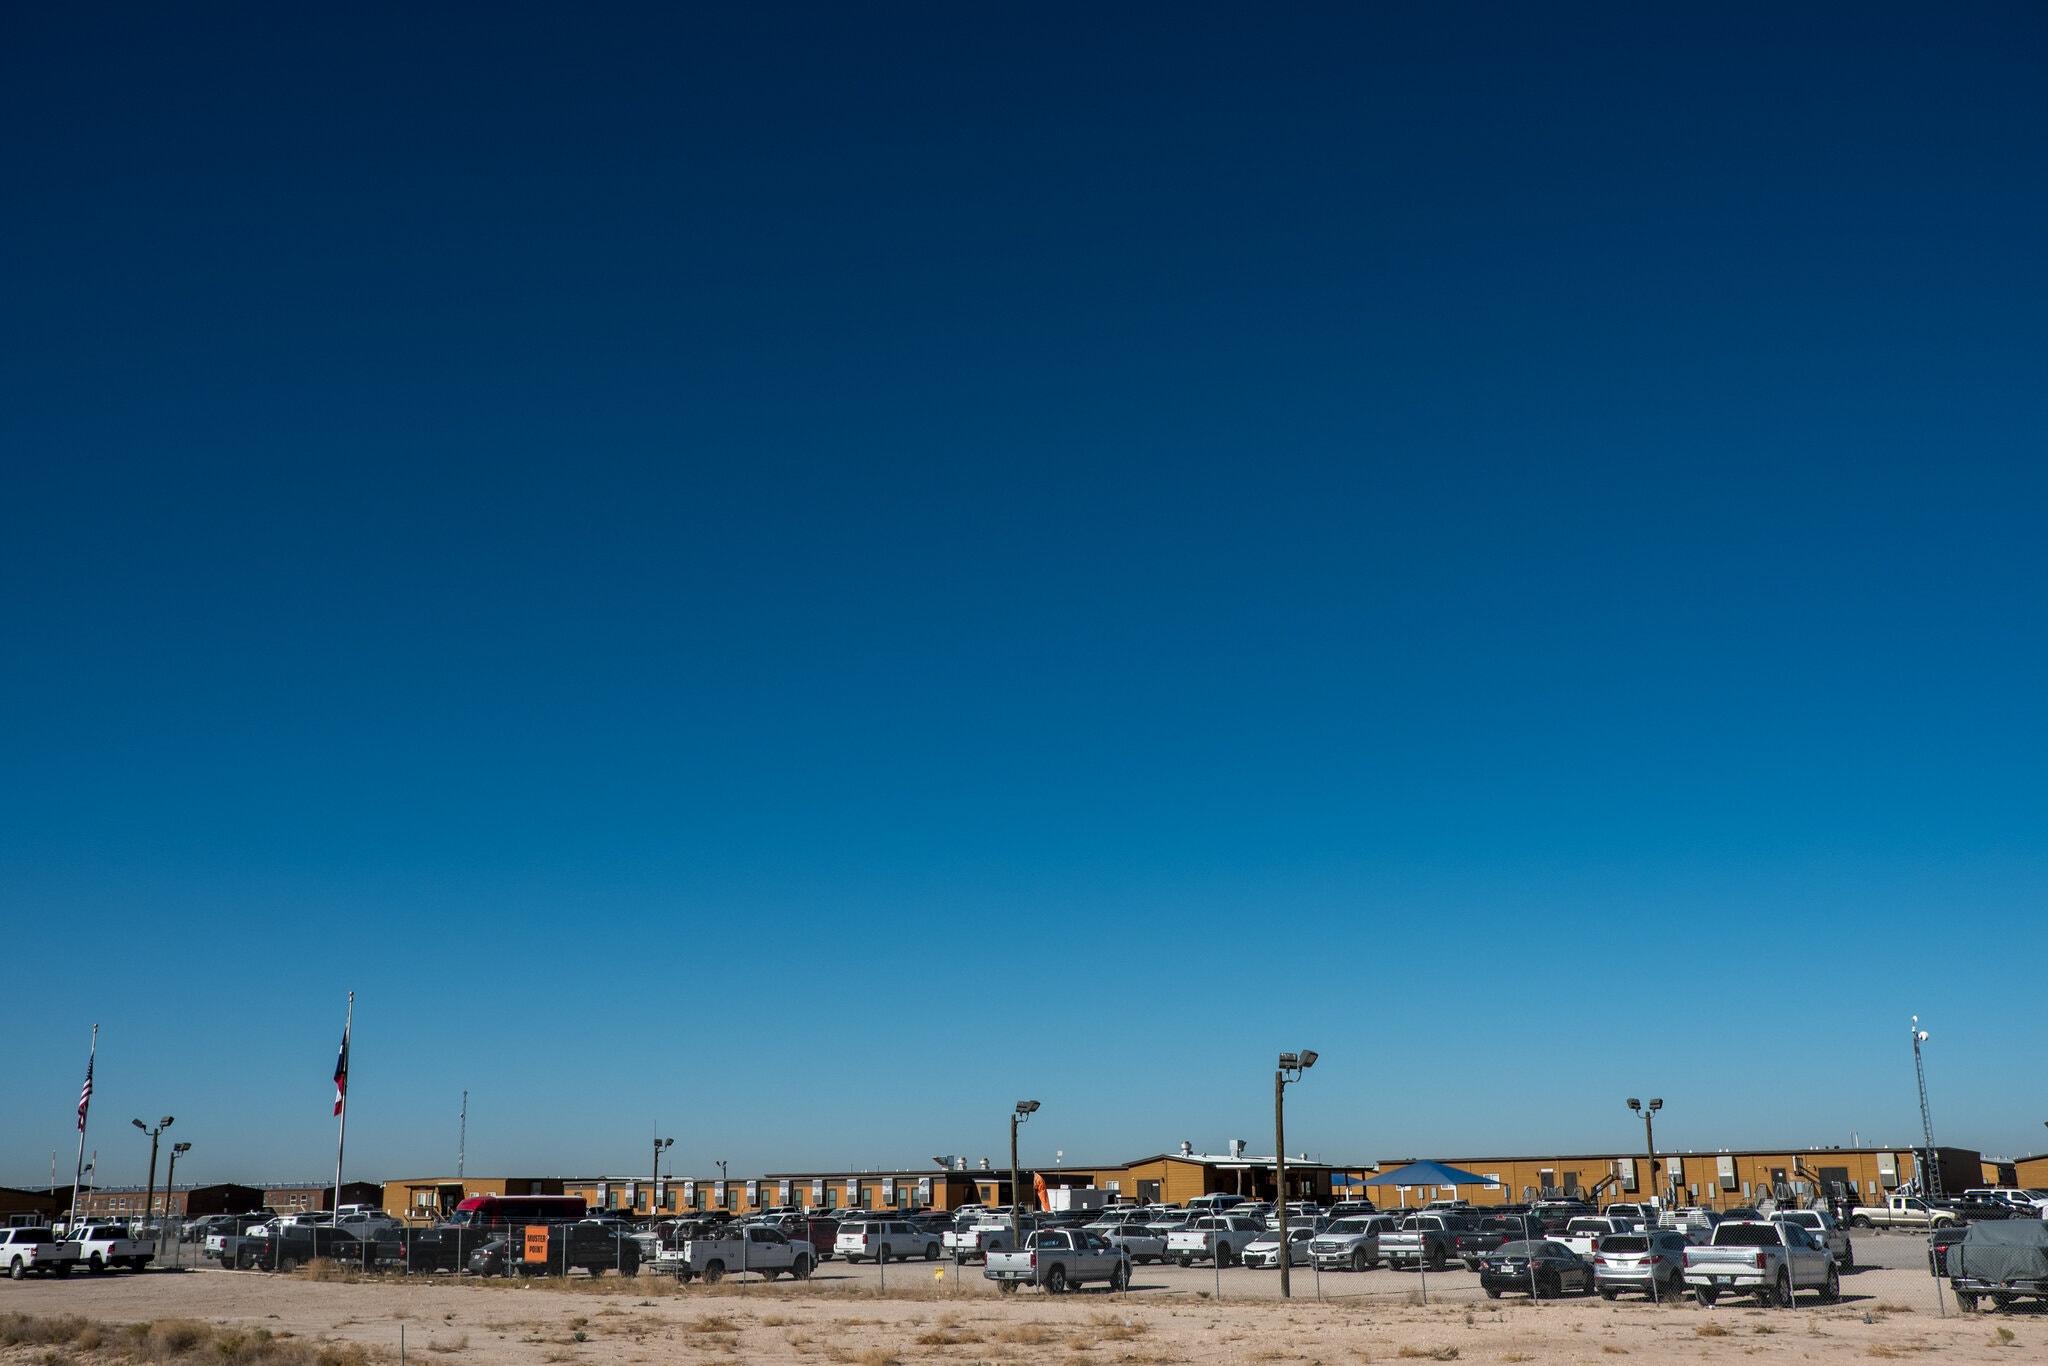 洛文县油田工人的营地(纽约时报)